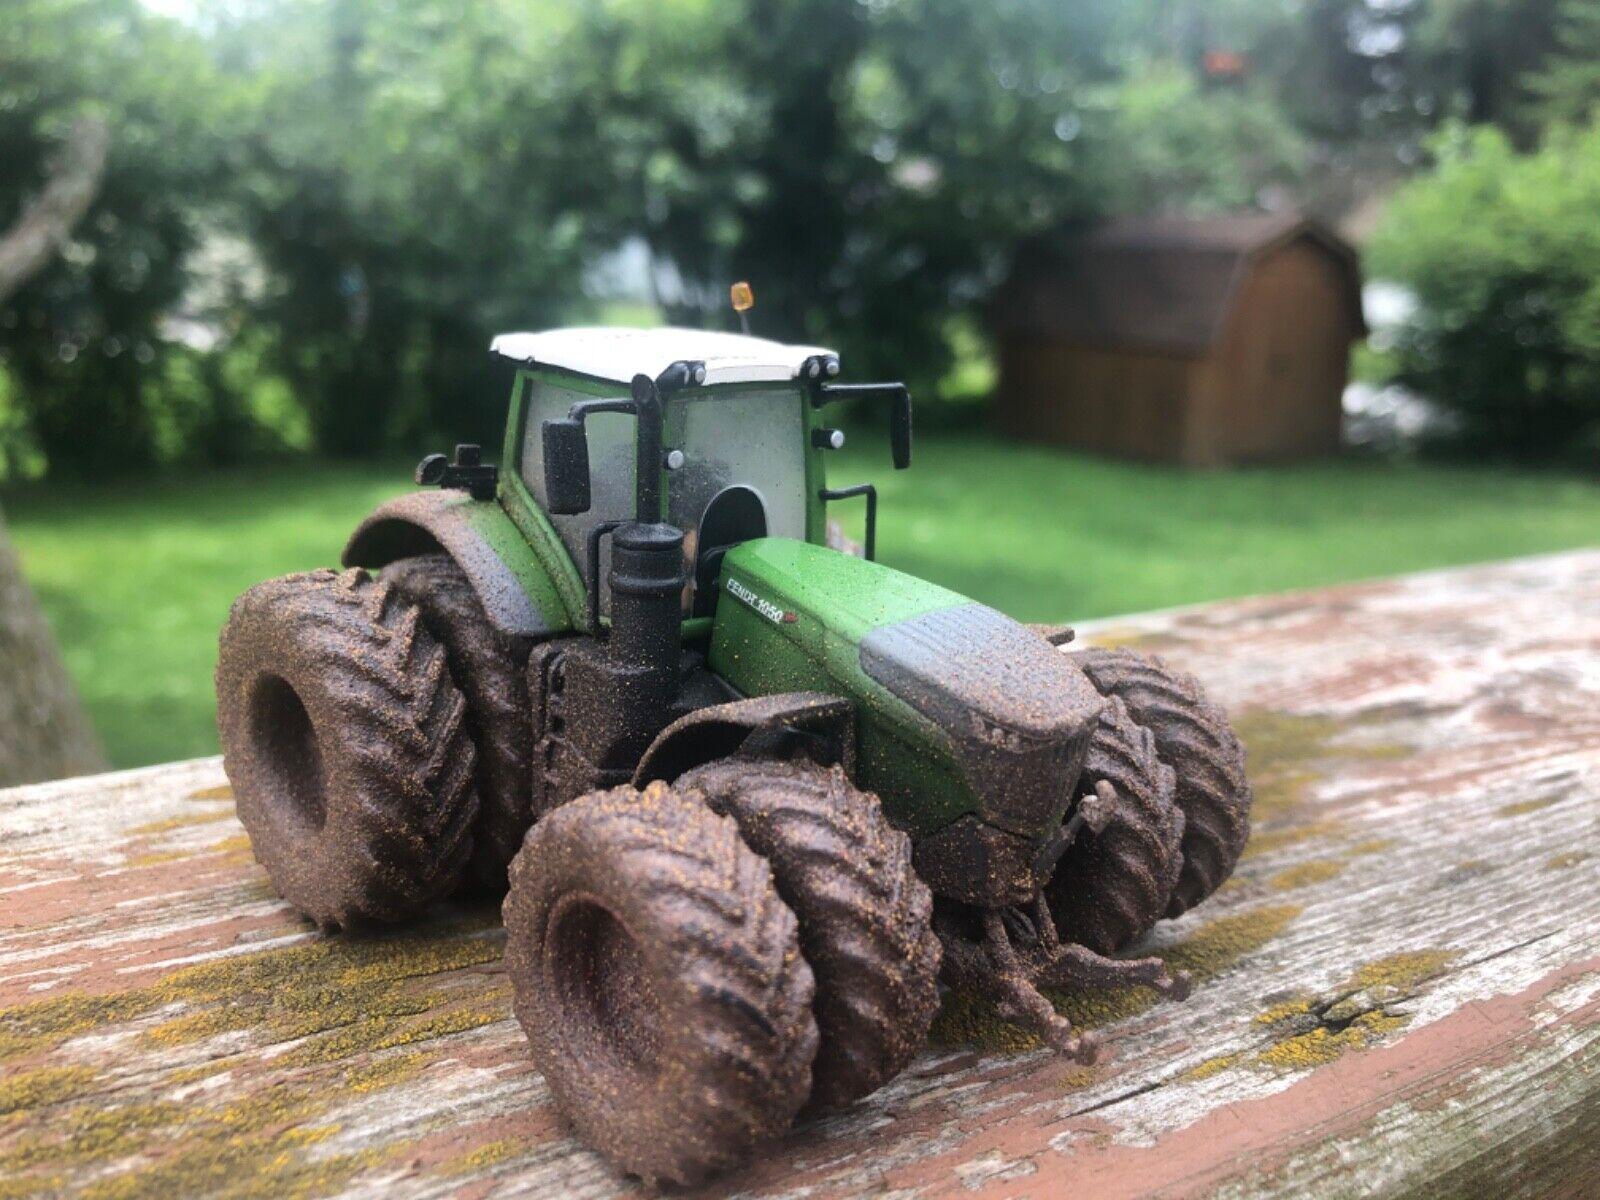 1/64 fendt farm show 2020 wide tire custom muddy